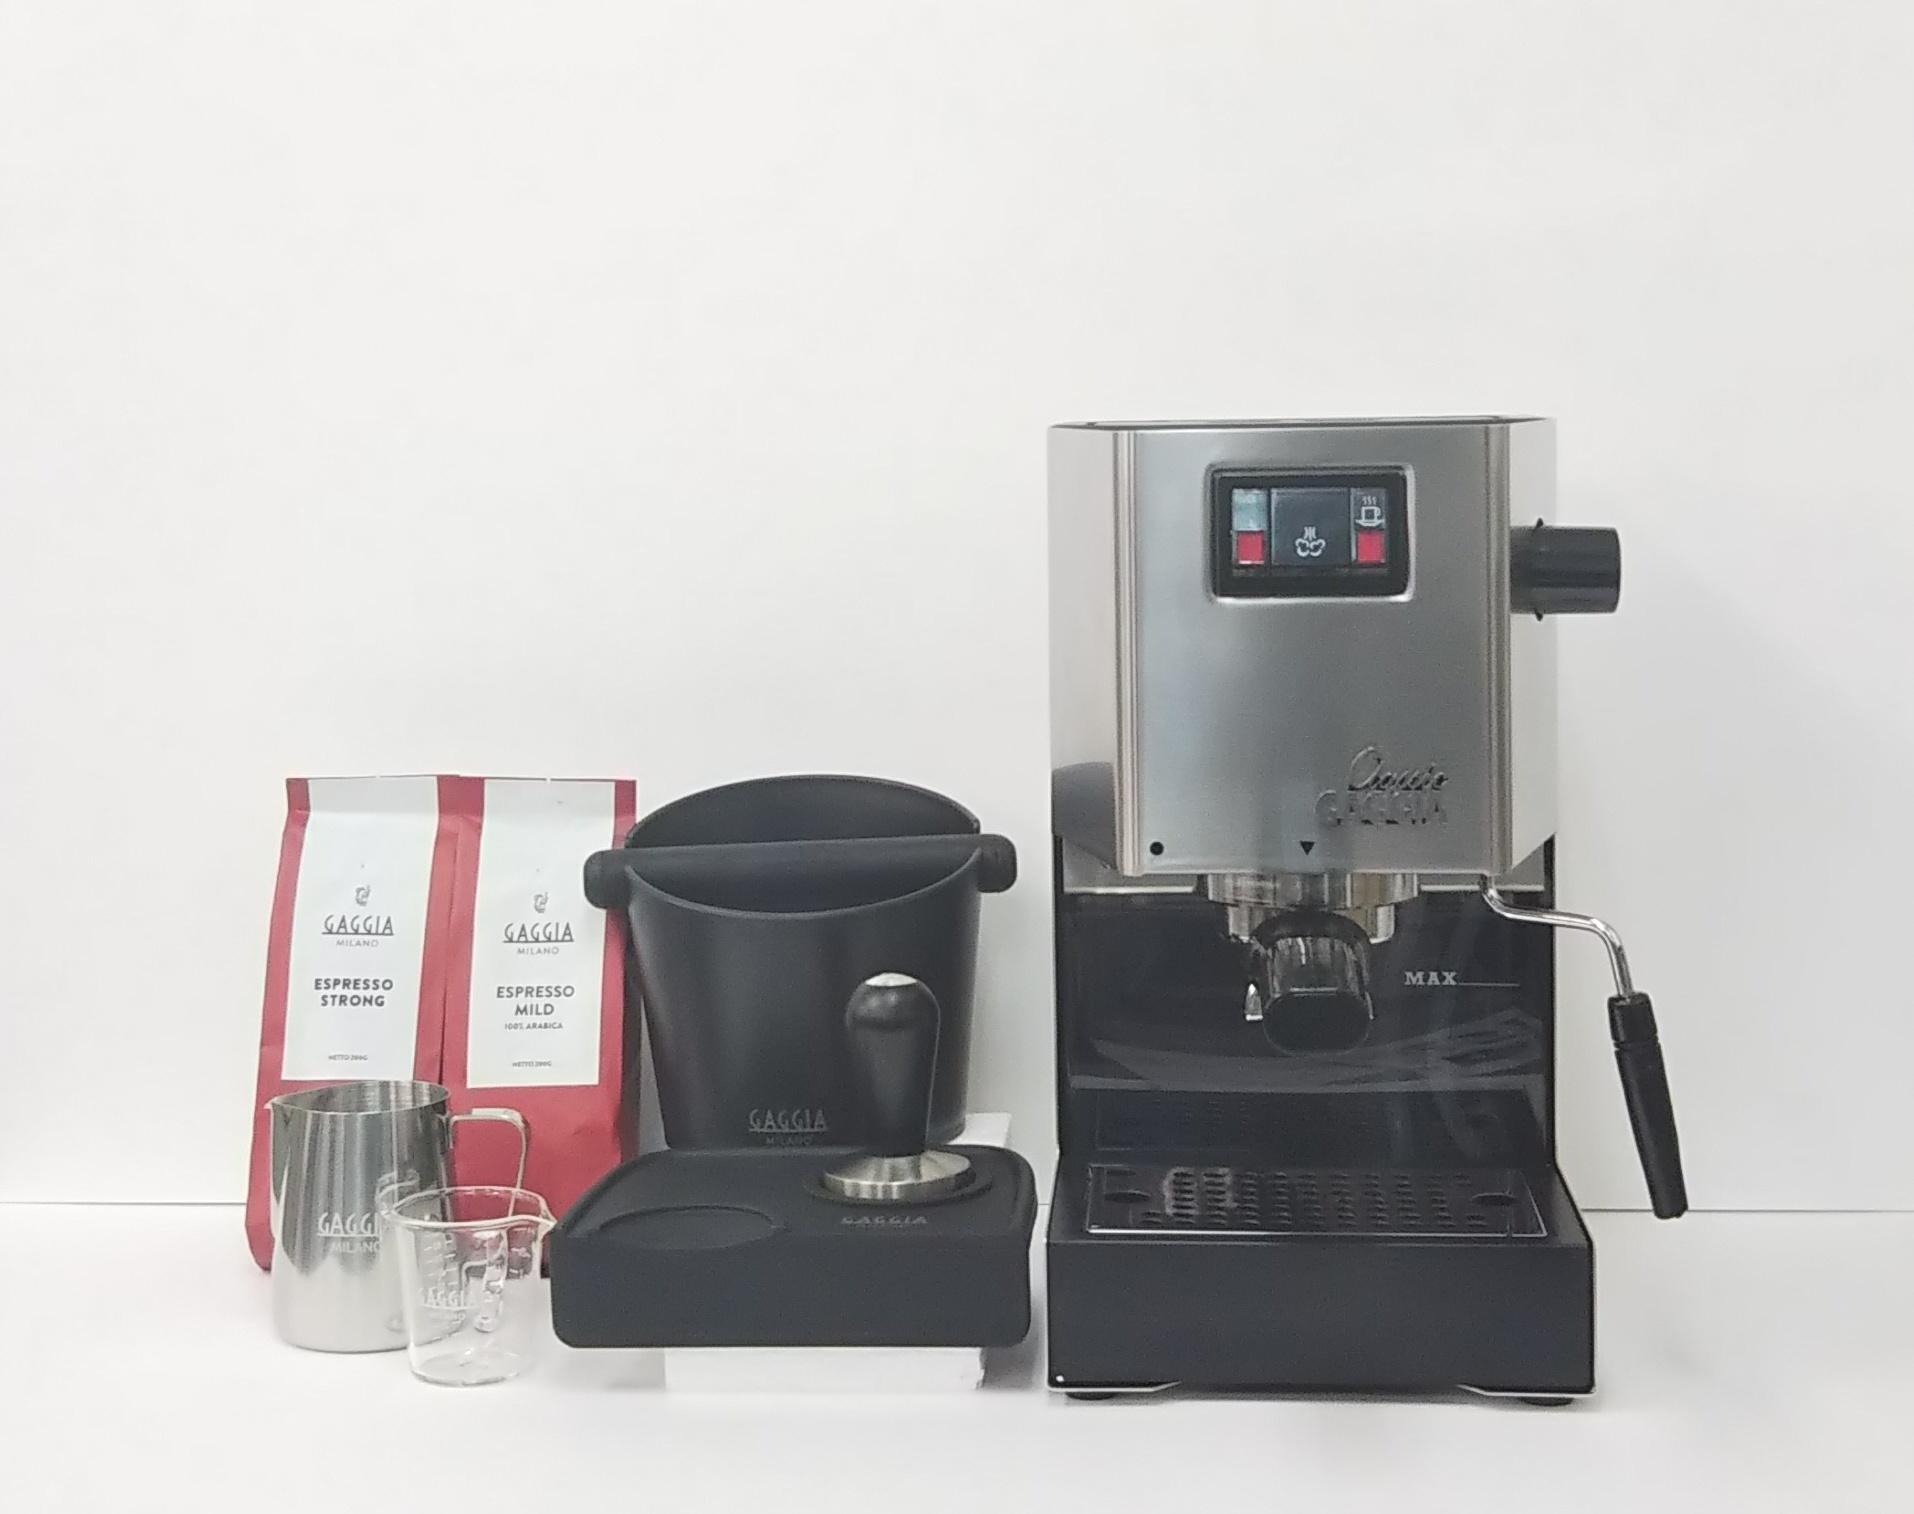 【新品/取寄品/代引不可】GAGGIA(ガジア) クラシック SIN035SP ホームバリスタセット セミプロセット コーヒーメーカー 全自動エスプレッソマシン